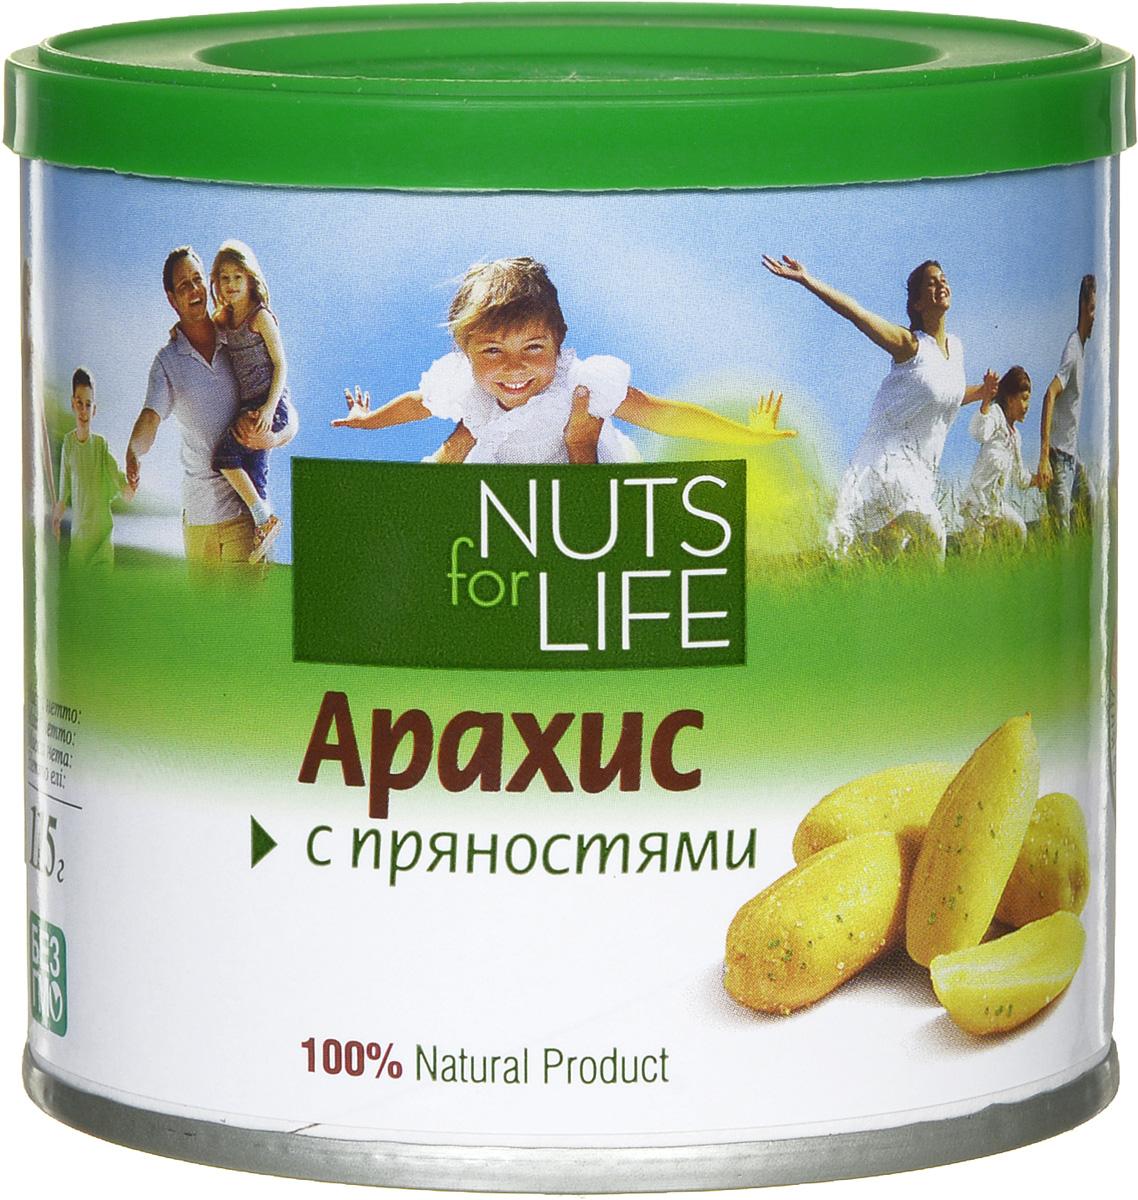 Nuts for Life Арахис обжаренный соленый с пряностями, 115 гU920968Арахис укрепляет сердце и снижает количество холестерина в крови. Чудесный букет натуральных пряностей придаст этому ореху неповторимую изюминку, и вам он непременно понравится!